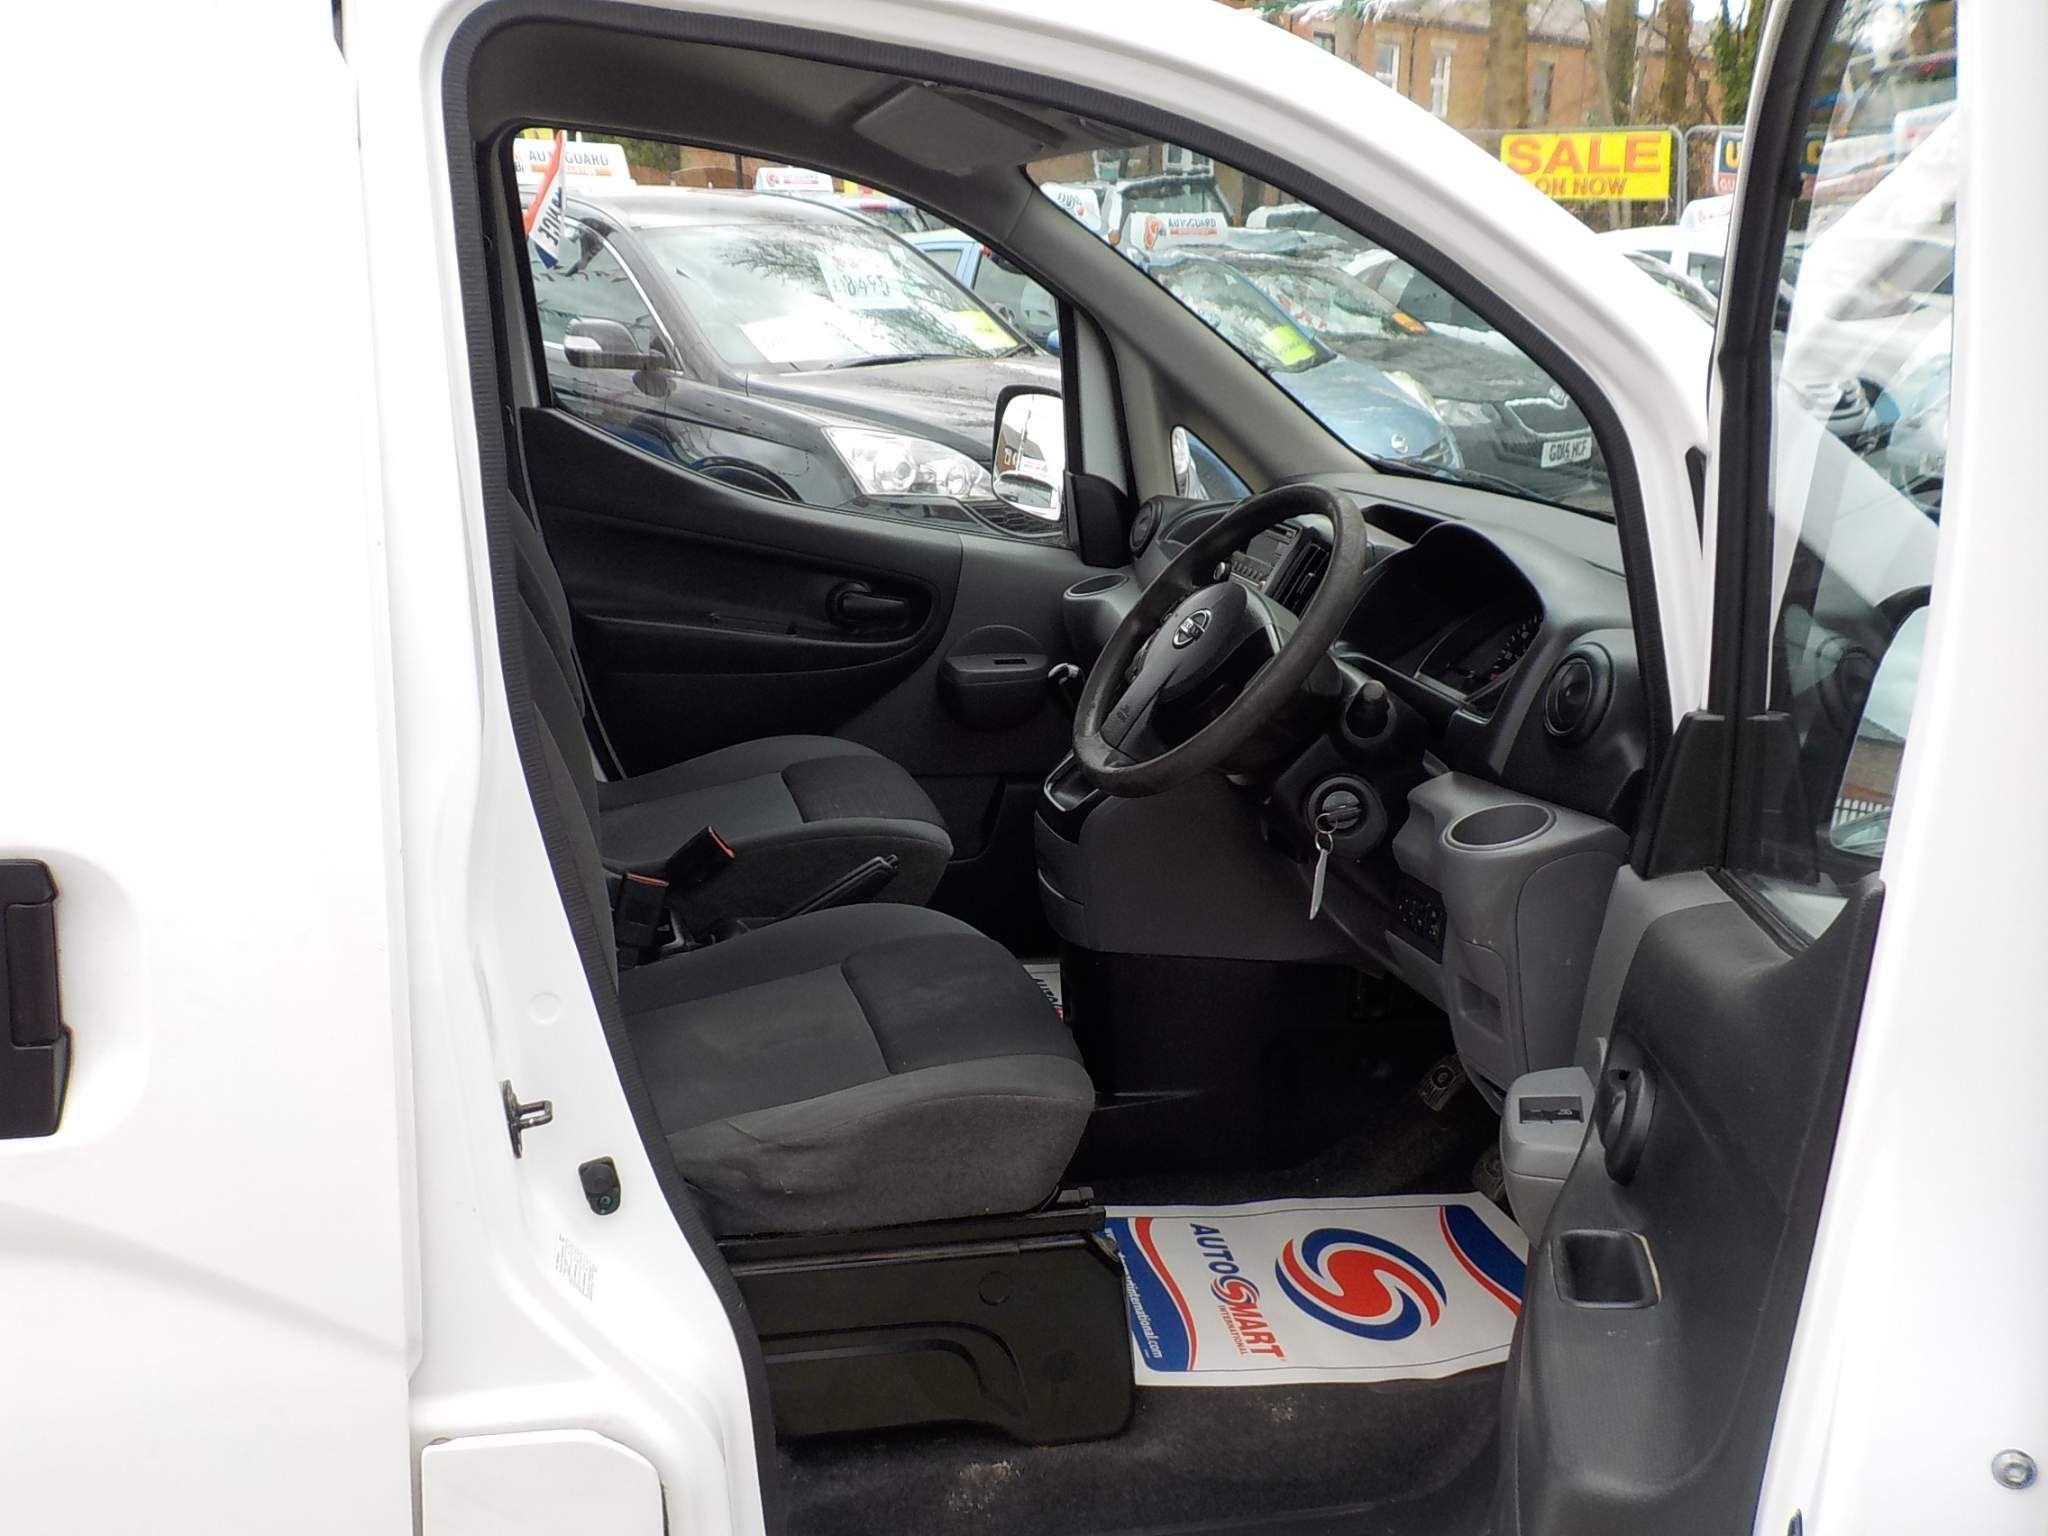 Nissan NV200 1.5 dCi SE SWB EU5 6dr